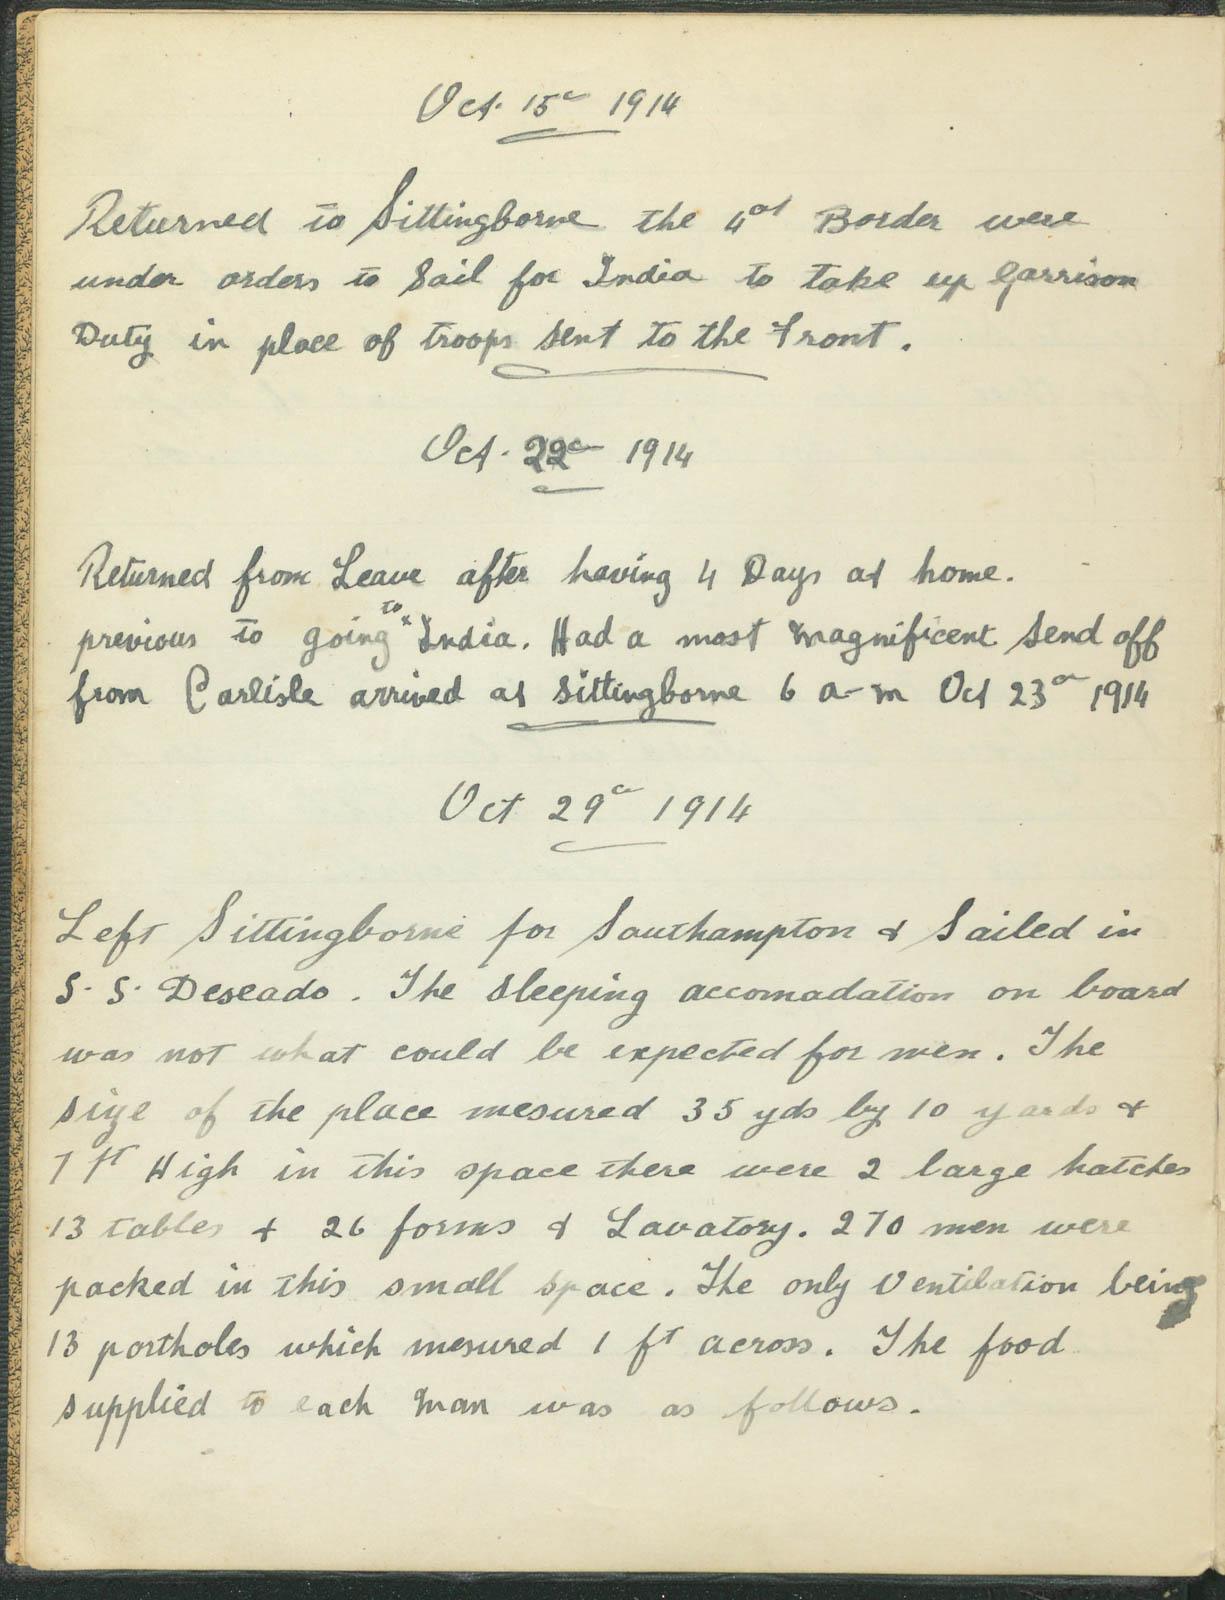 Harry Redgen's experience in Burma 1914-1916, item 6